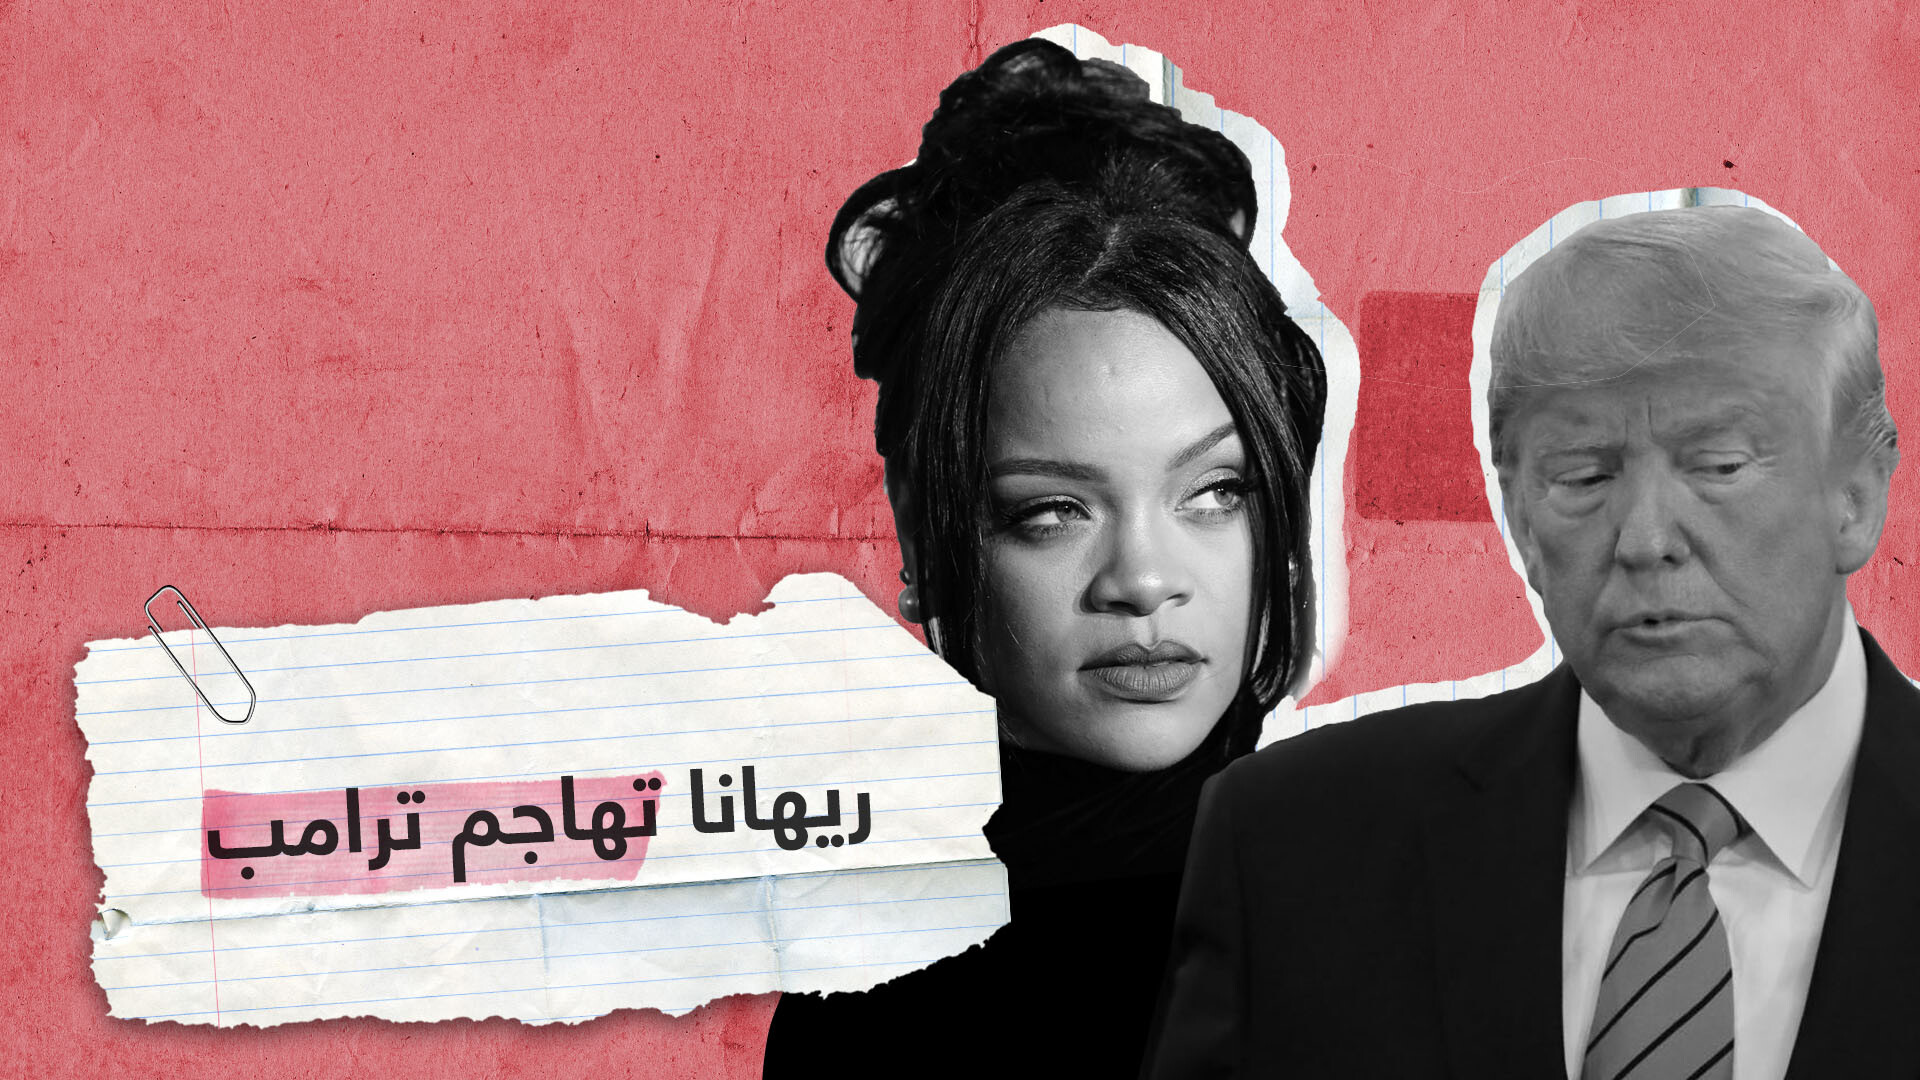 المغنية ريهانا تهاجم ترامب